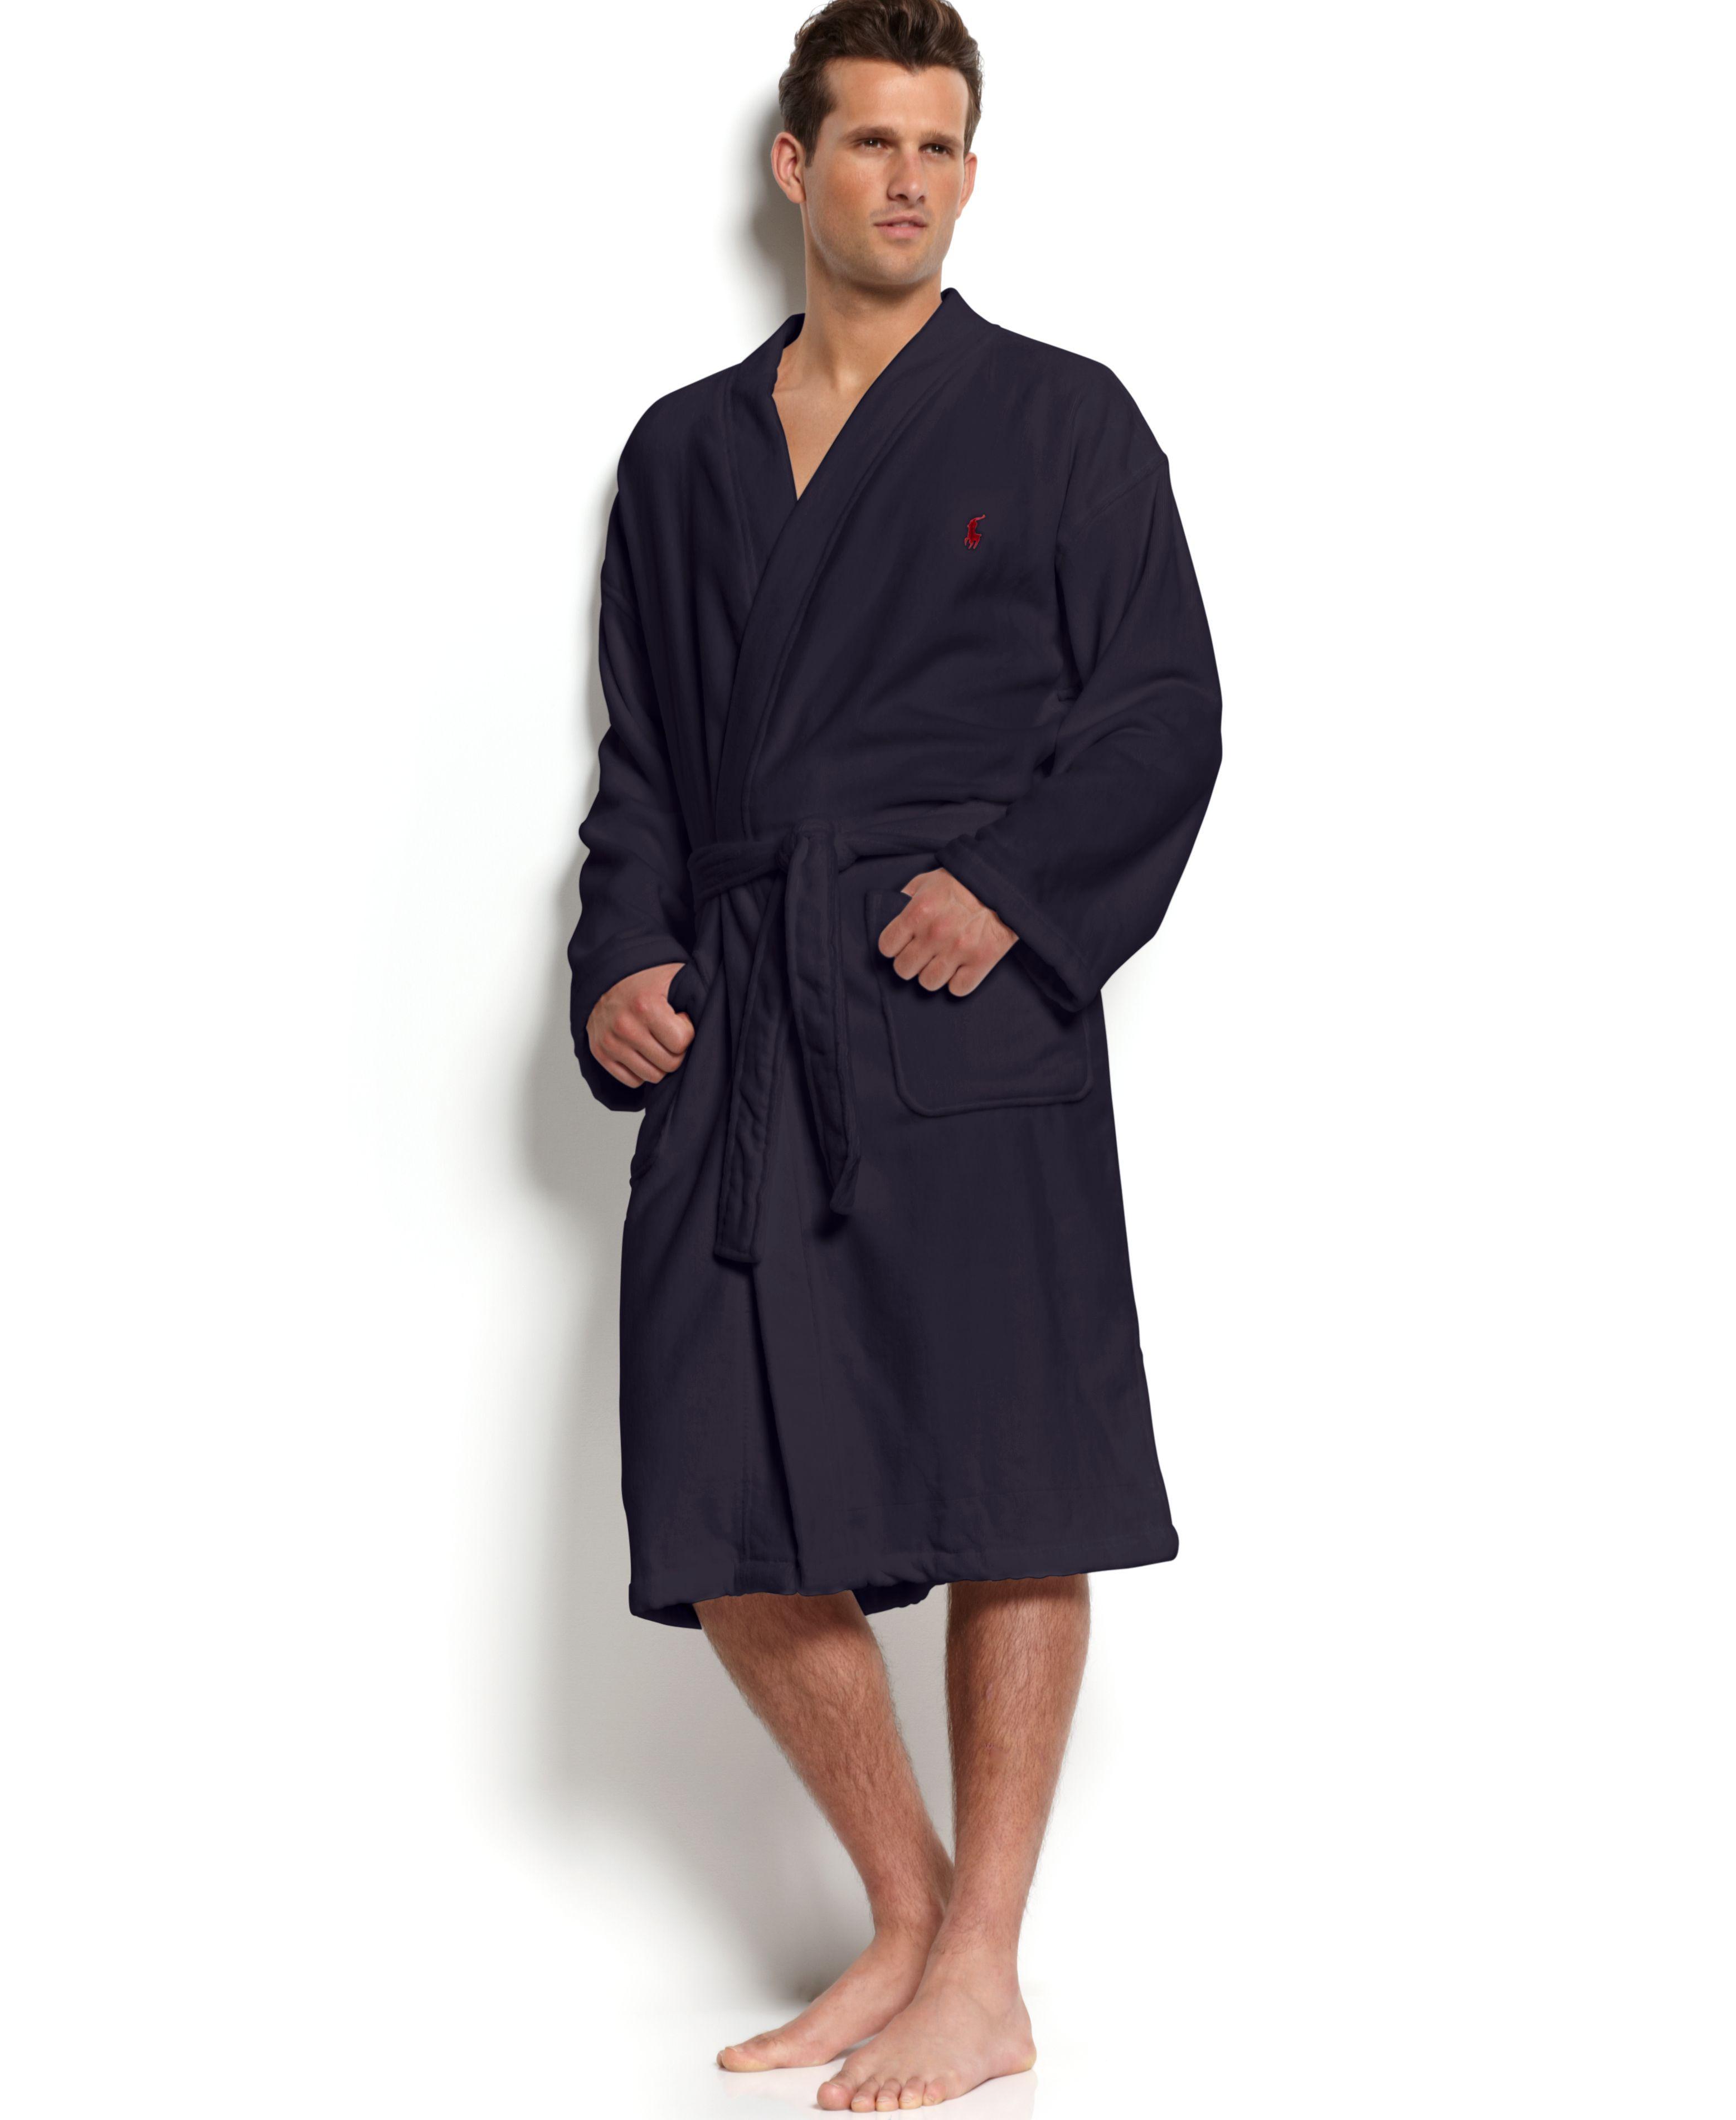 Men s Sleepwear Soft Cotton Kimono Velour Robe  893277ab4